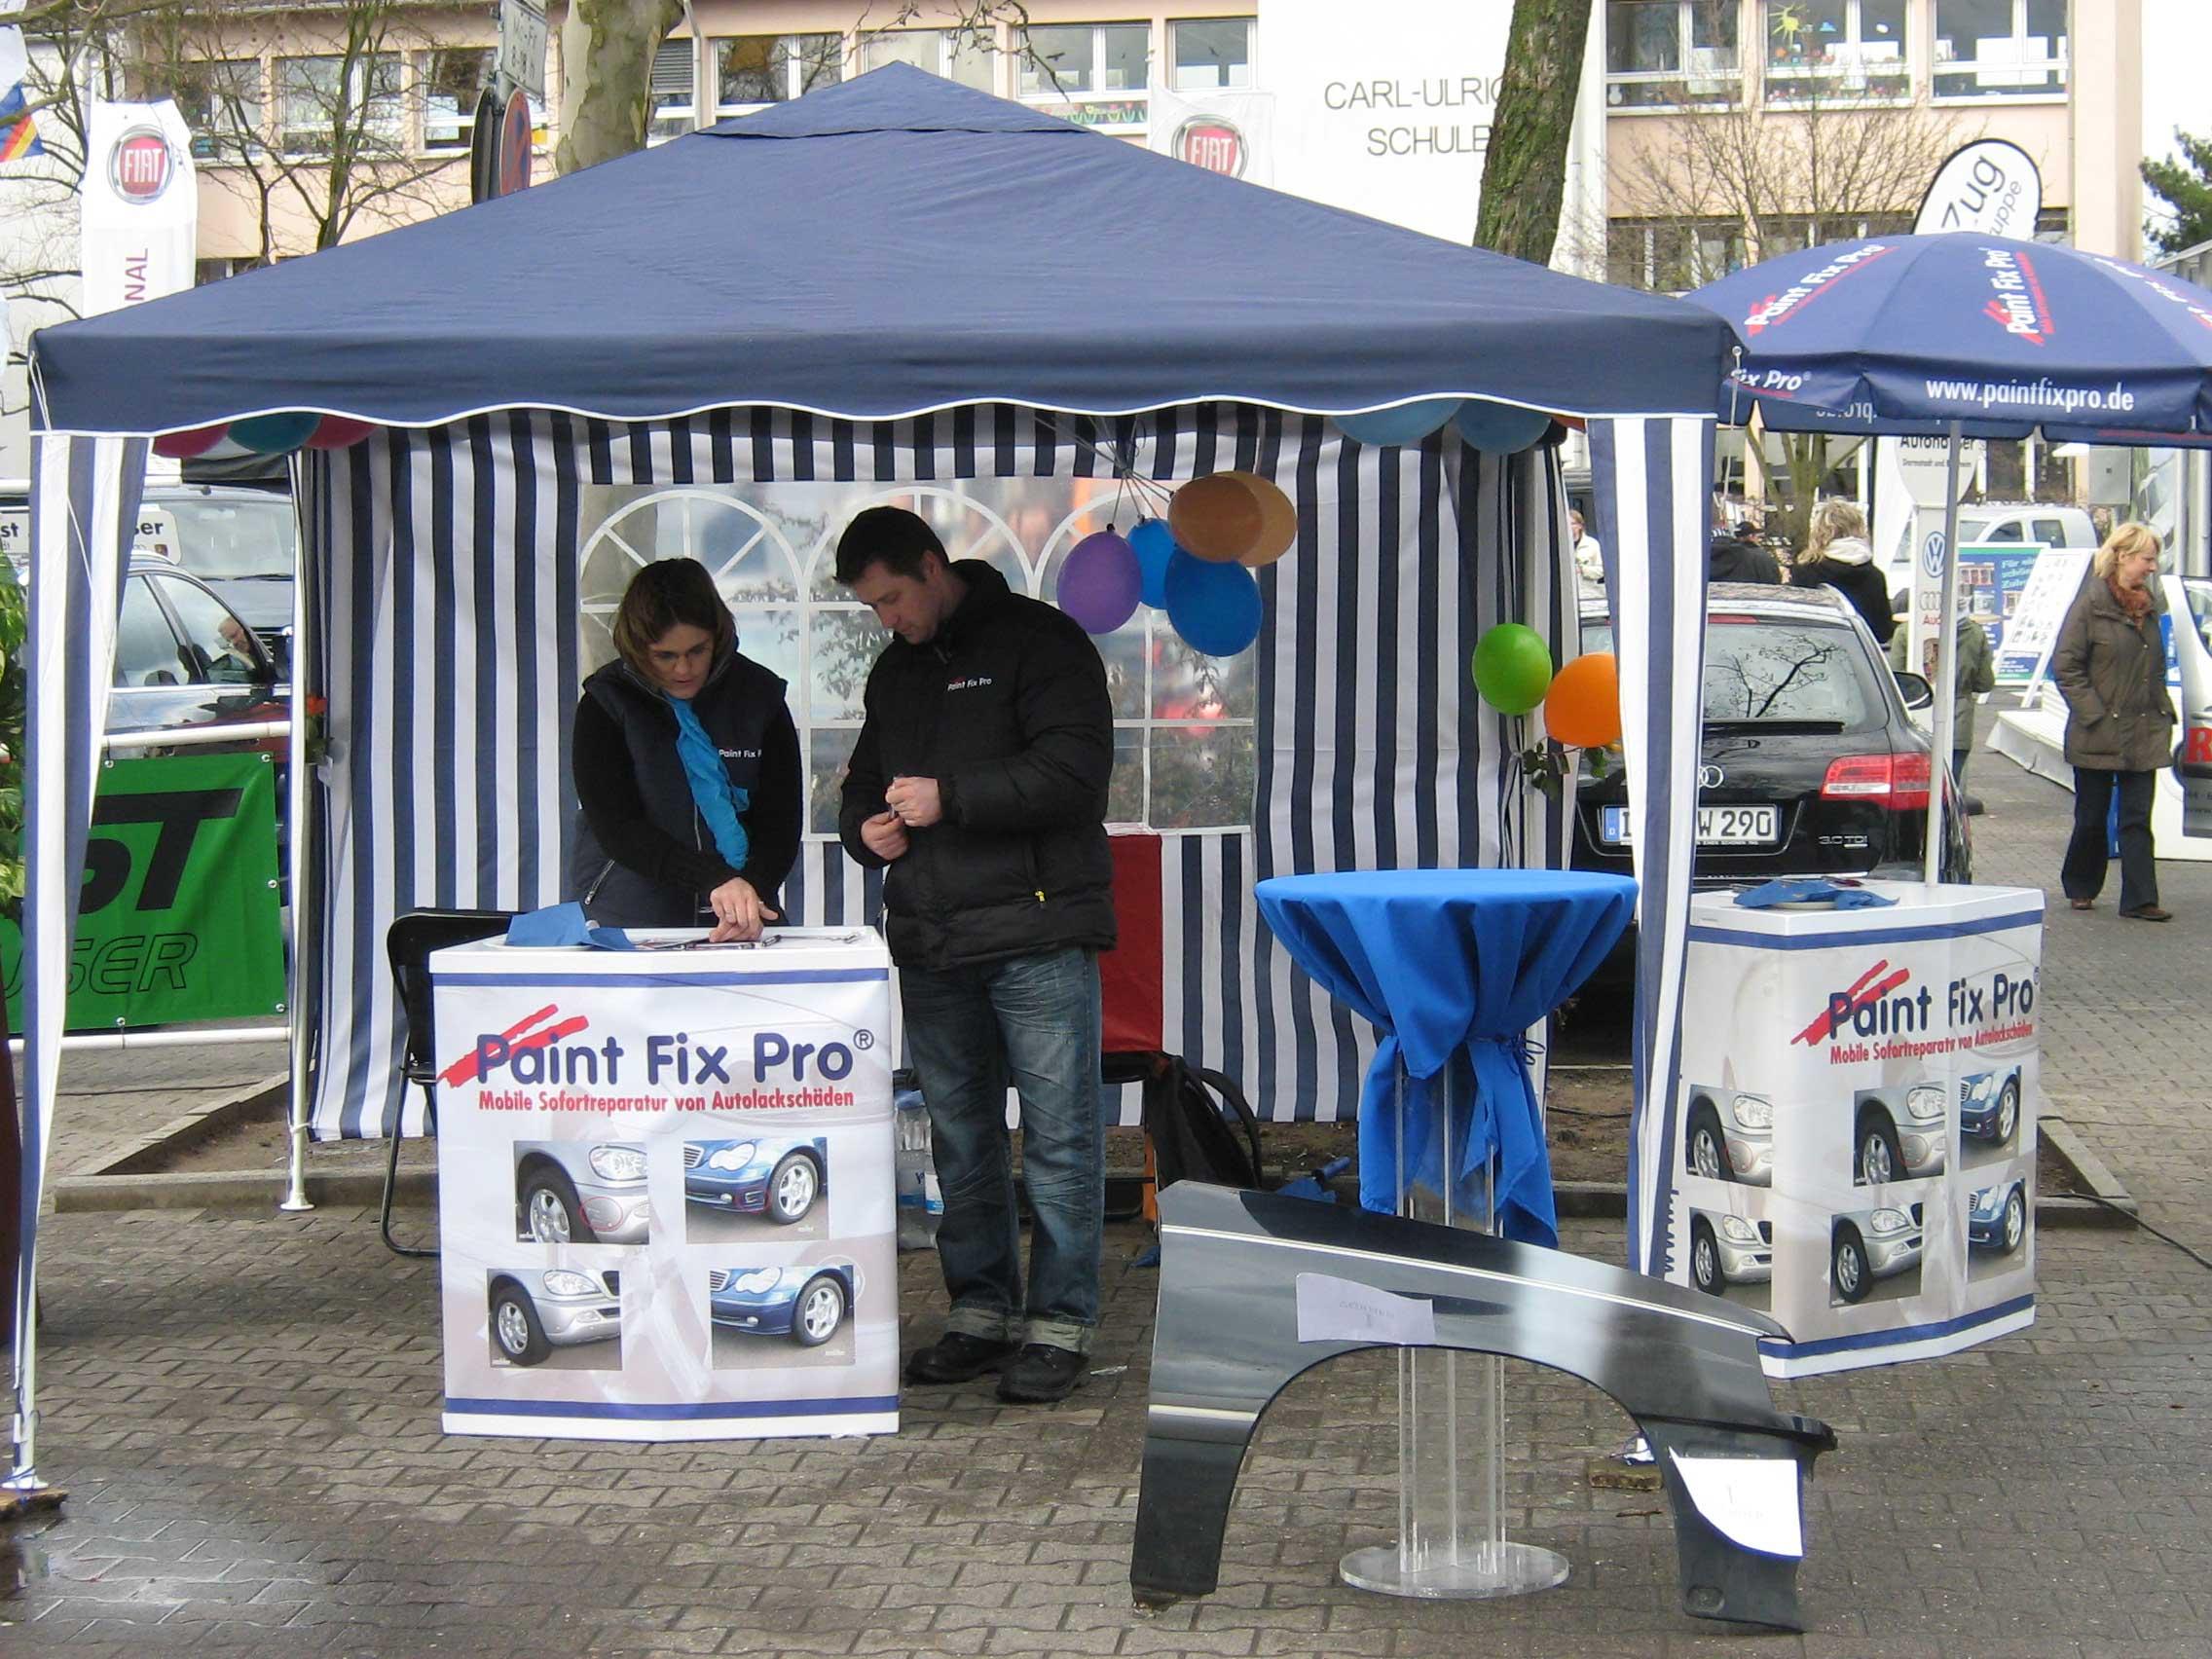 Paint Fix Pro Promotion Darmstadt